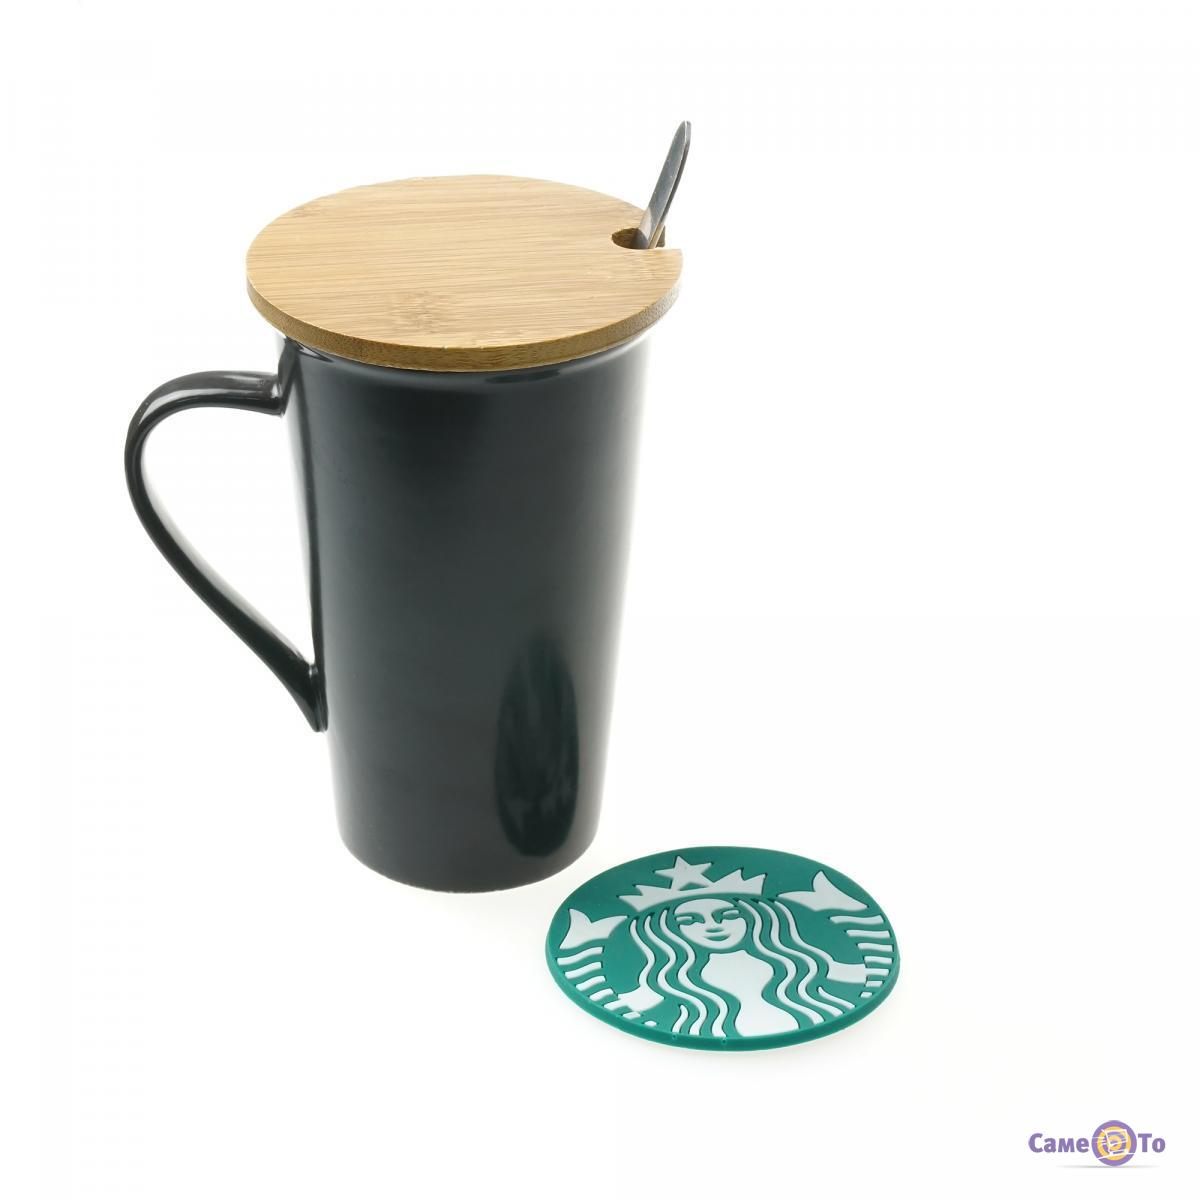 Кружка Старбакс - керамическая чашка Starbucks Memo с маркером, 500 мл